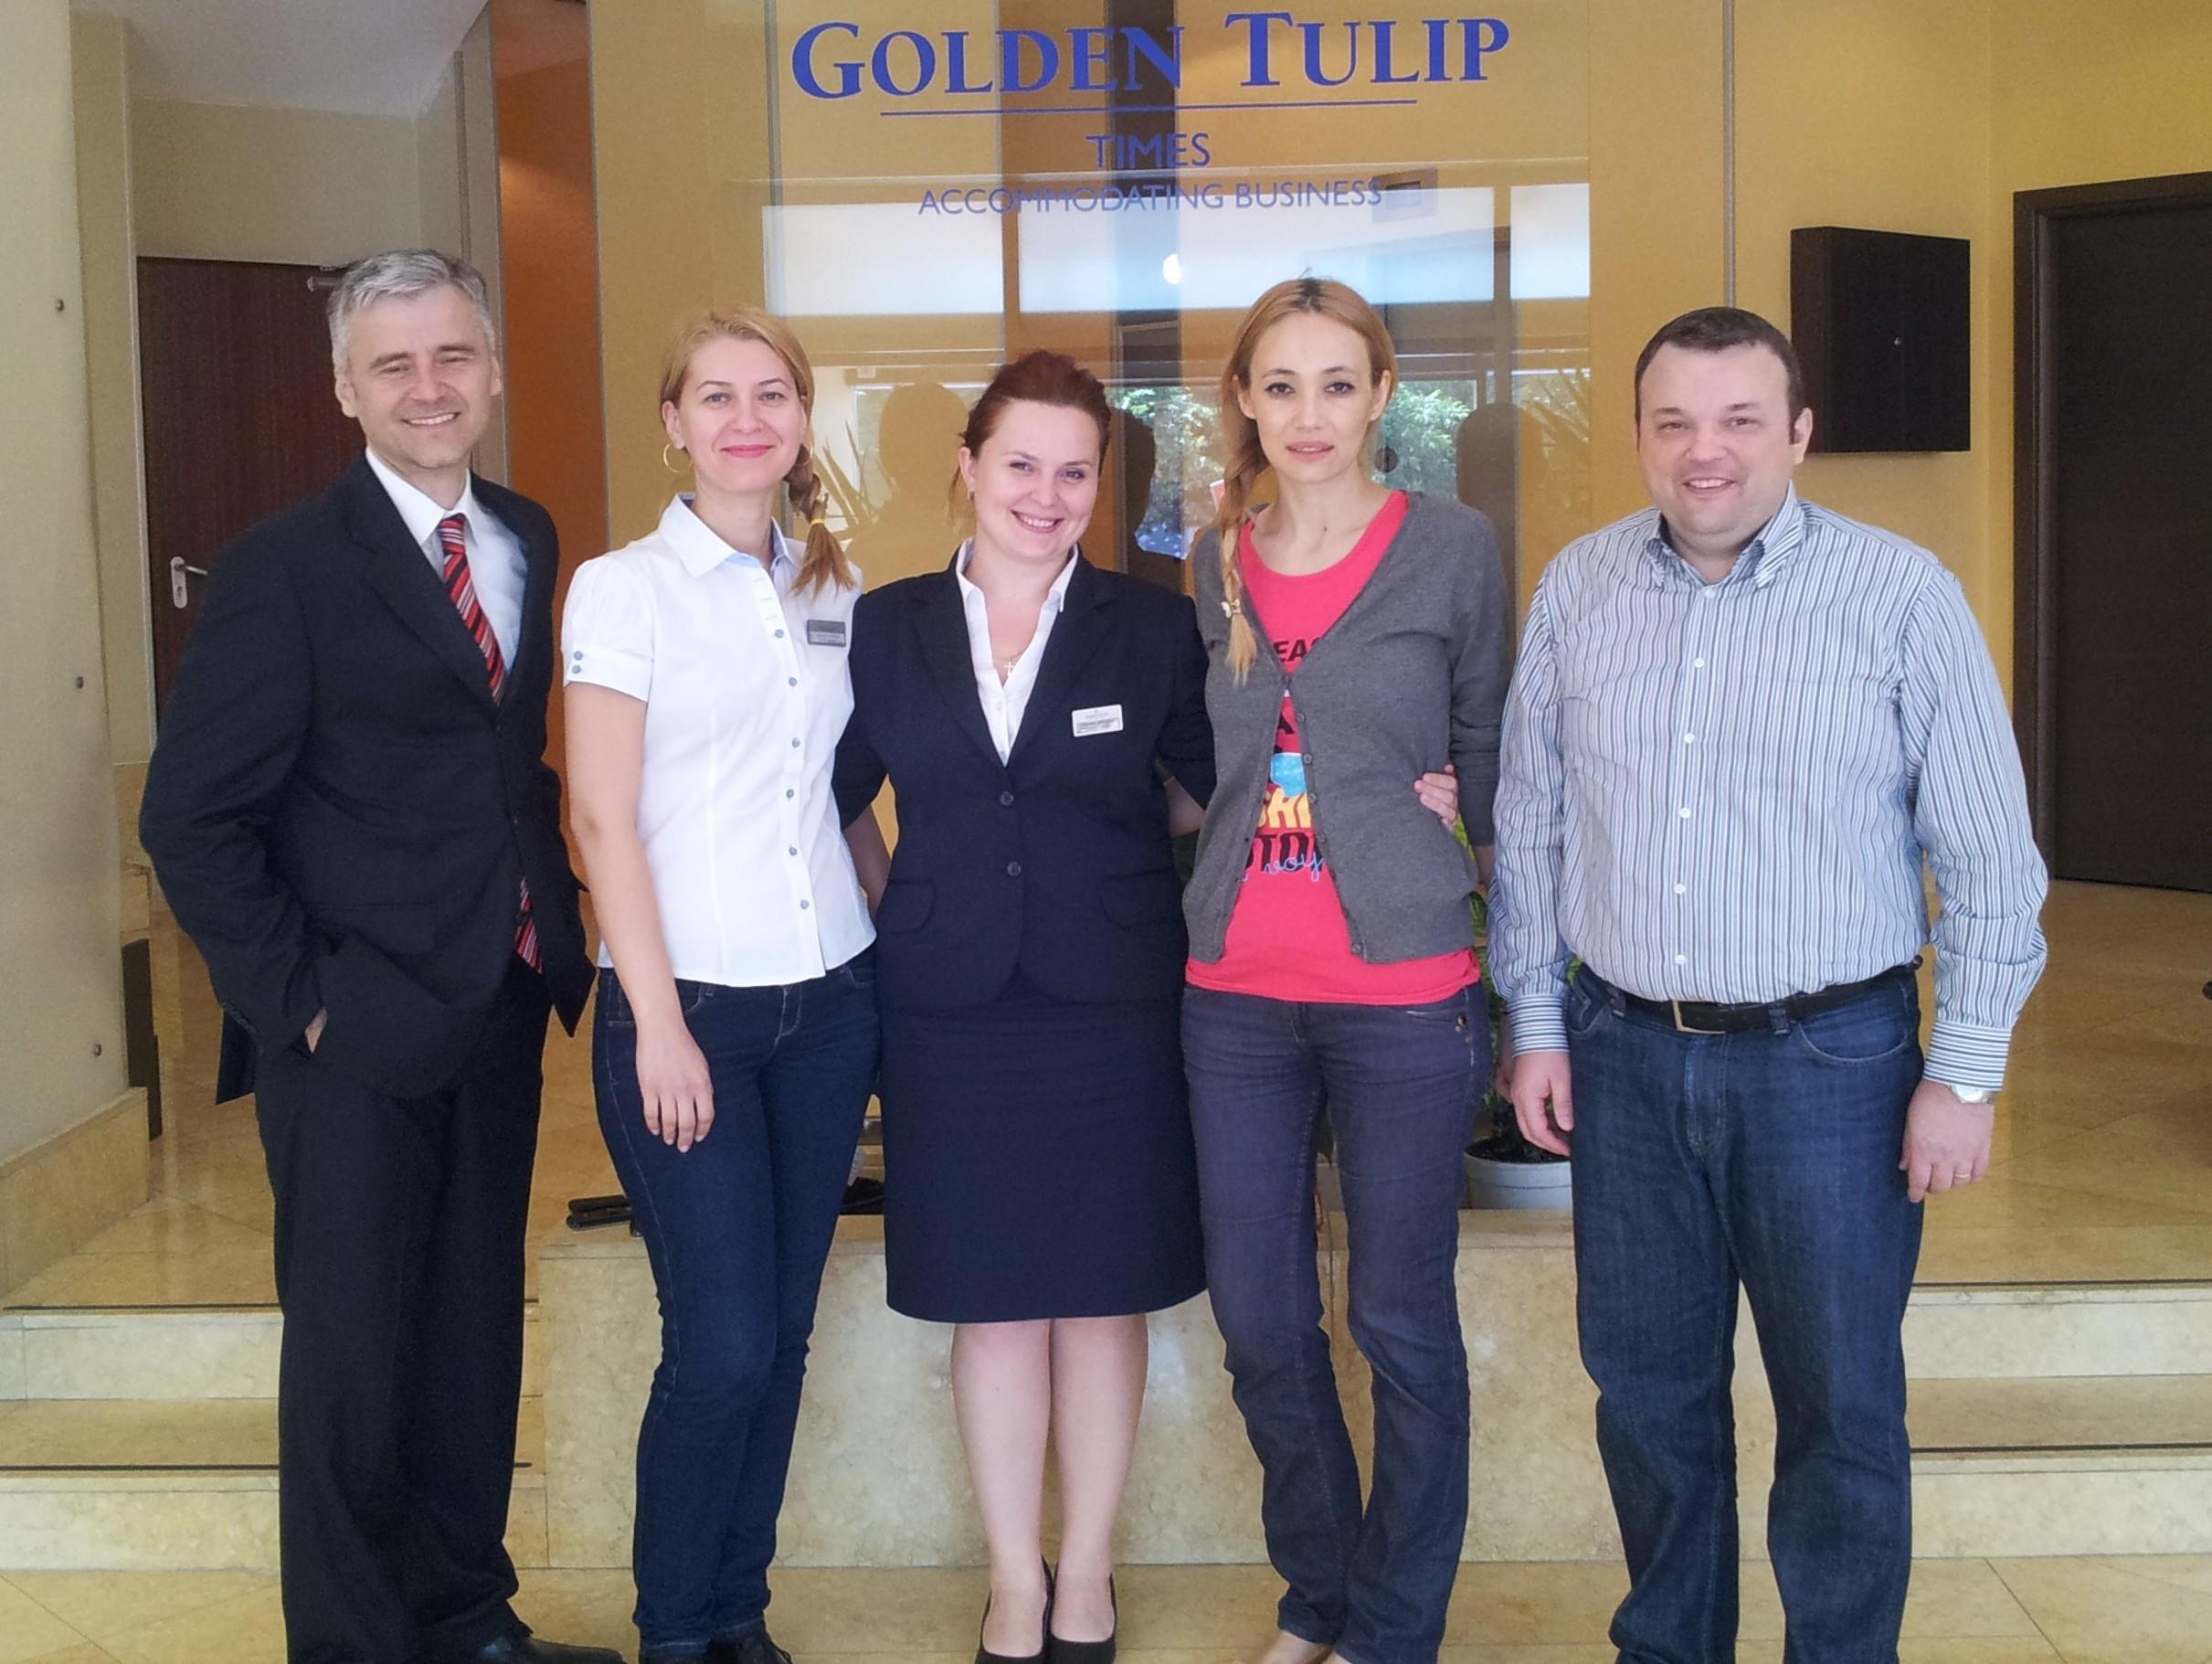 Impreuna cu echipa hotelului Golden Tulip Times - Bucuresti